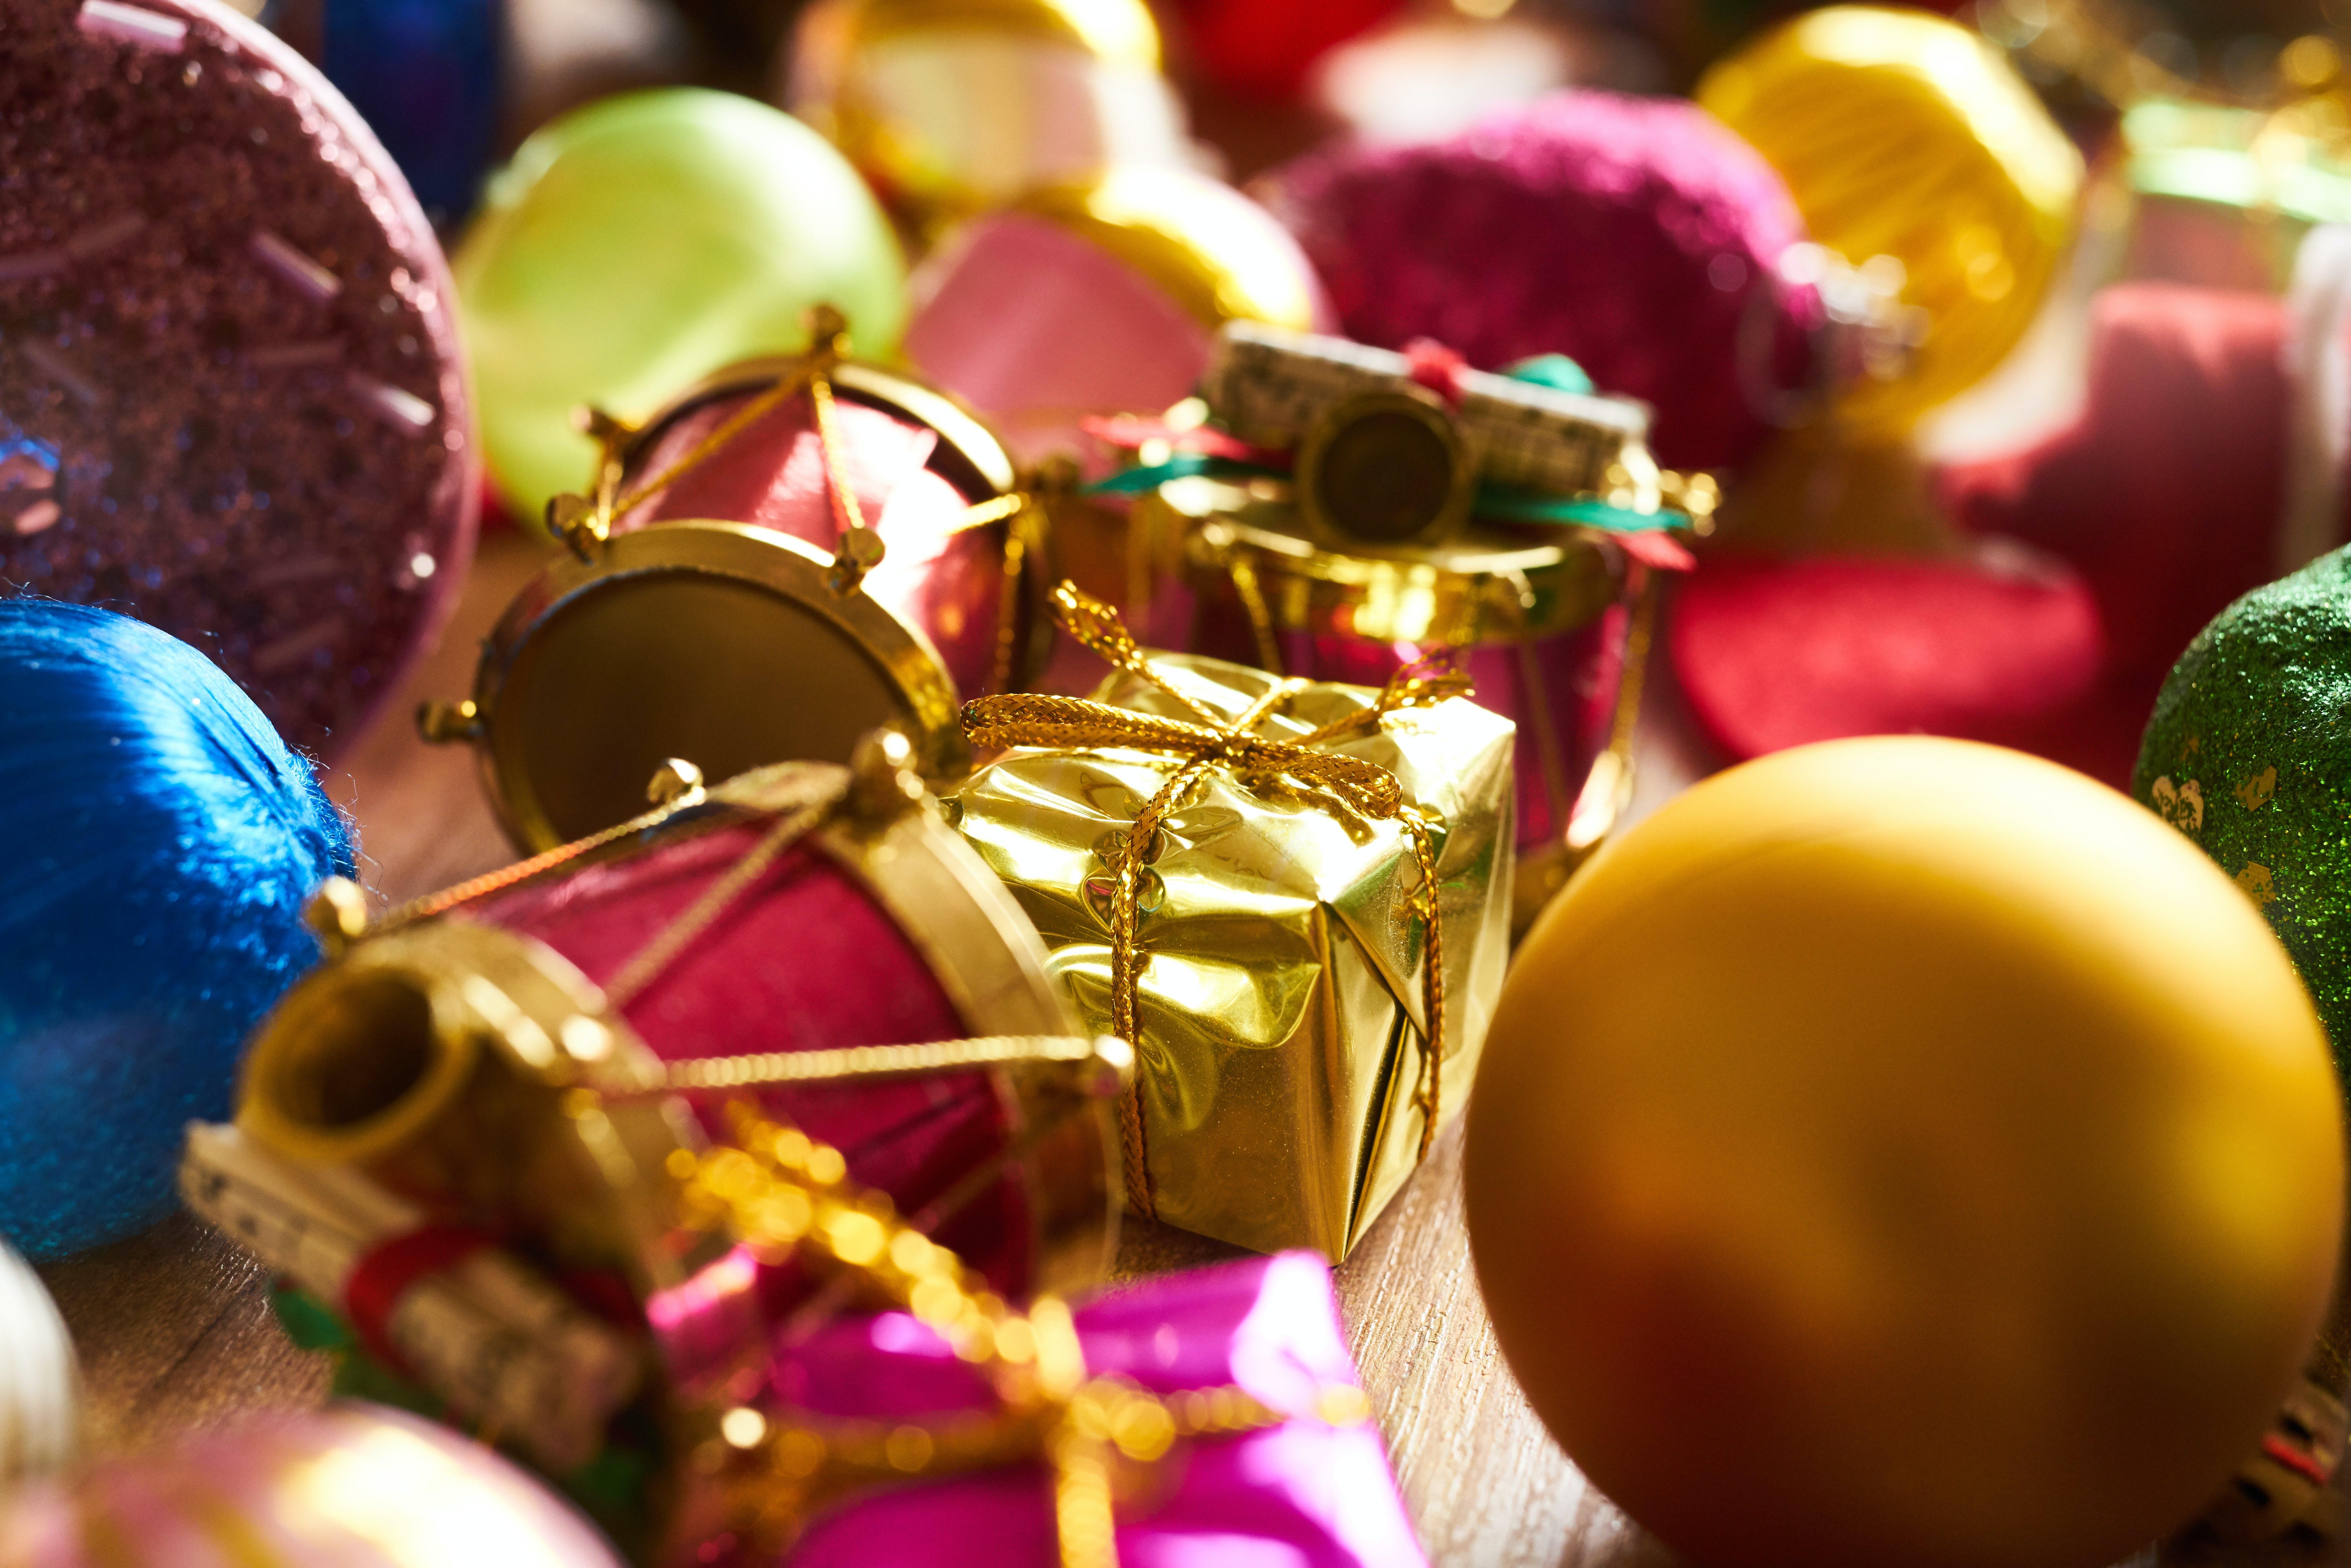 Foto d'estoc gratuïta de adorns, bola, boles de nadal, brillant